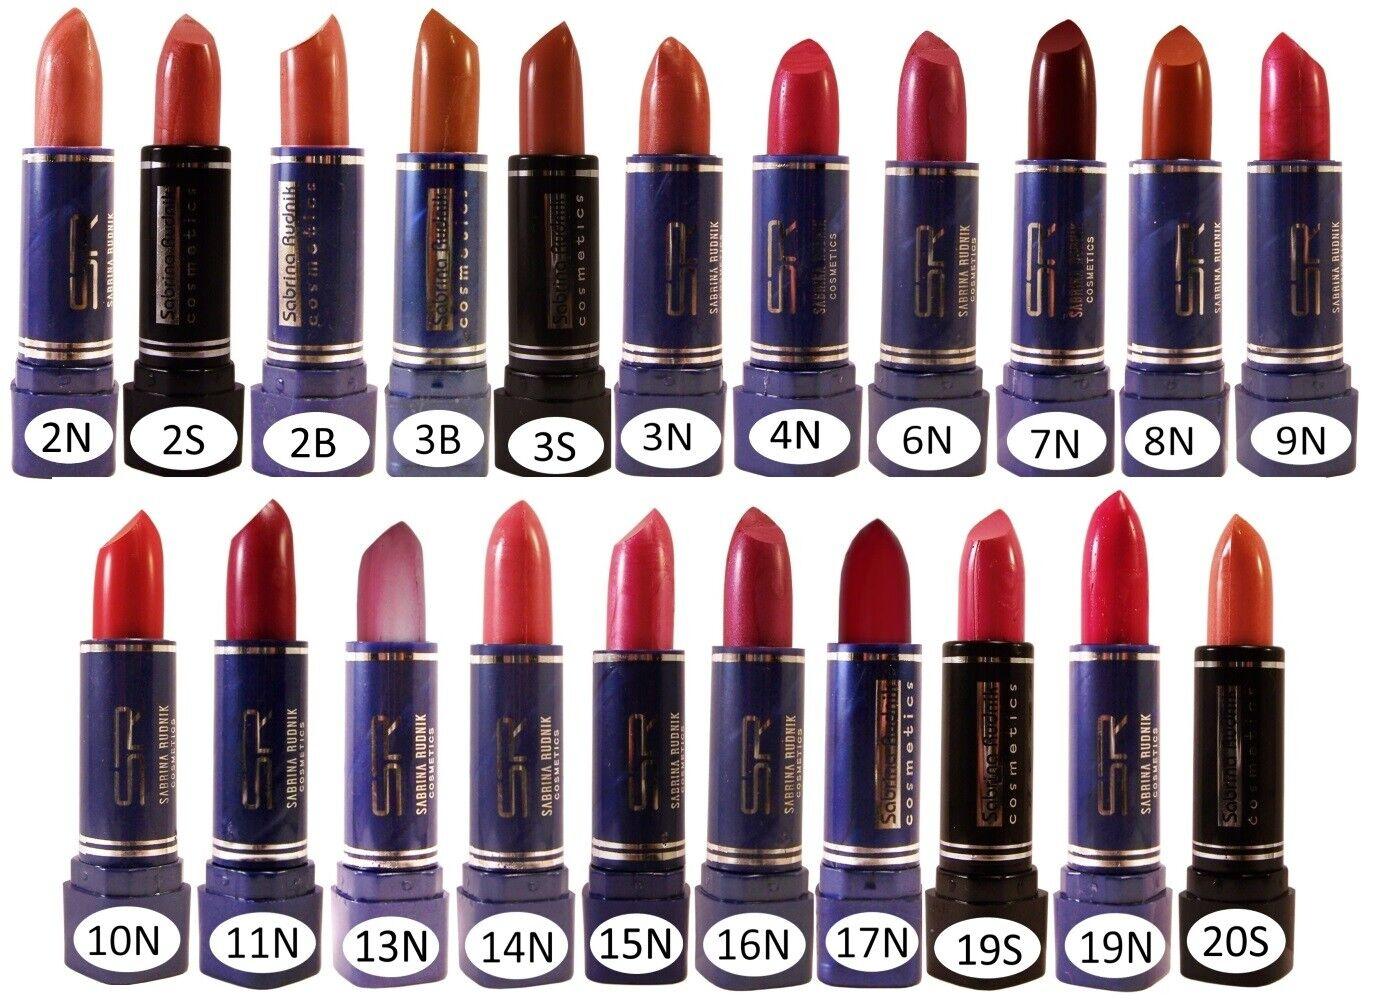 Lippenstift Lipstick Lippenpflege Lippenbalsam Braun Orange Rosa Rot Lila  2-20